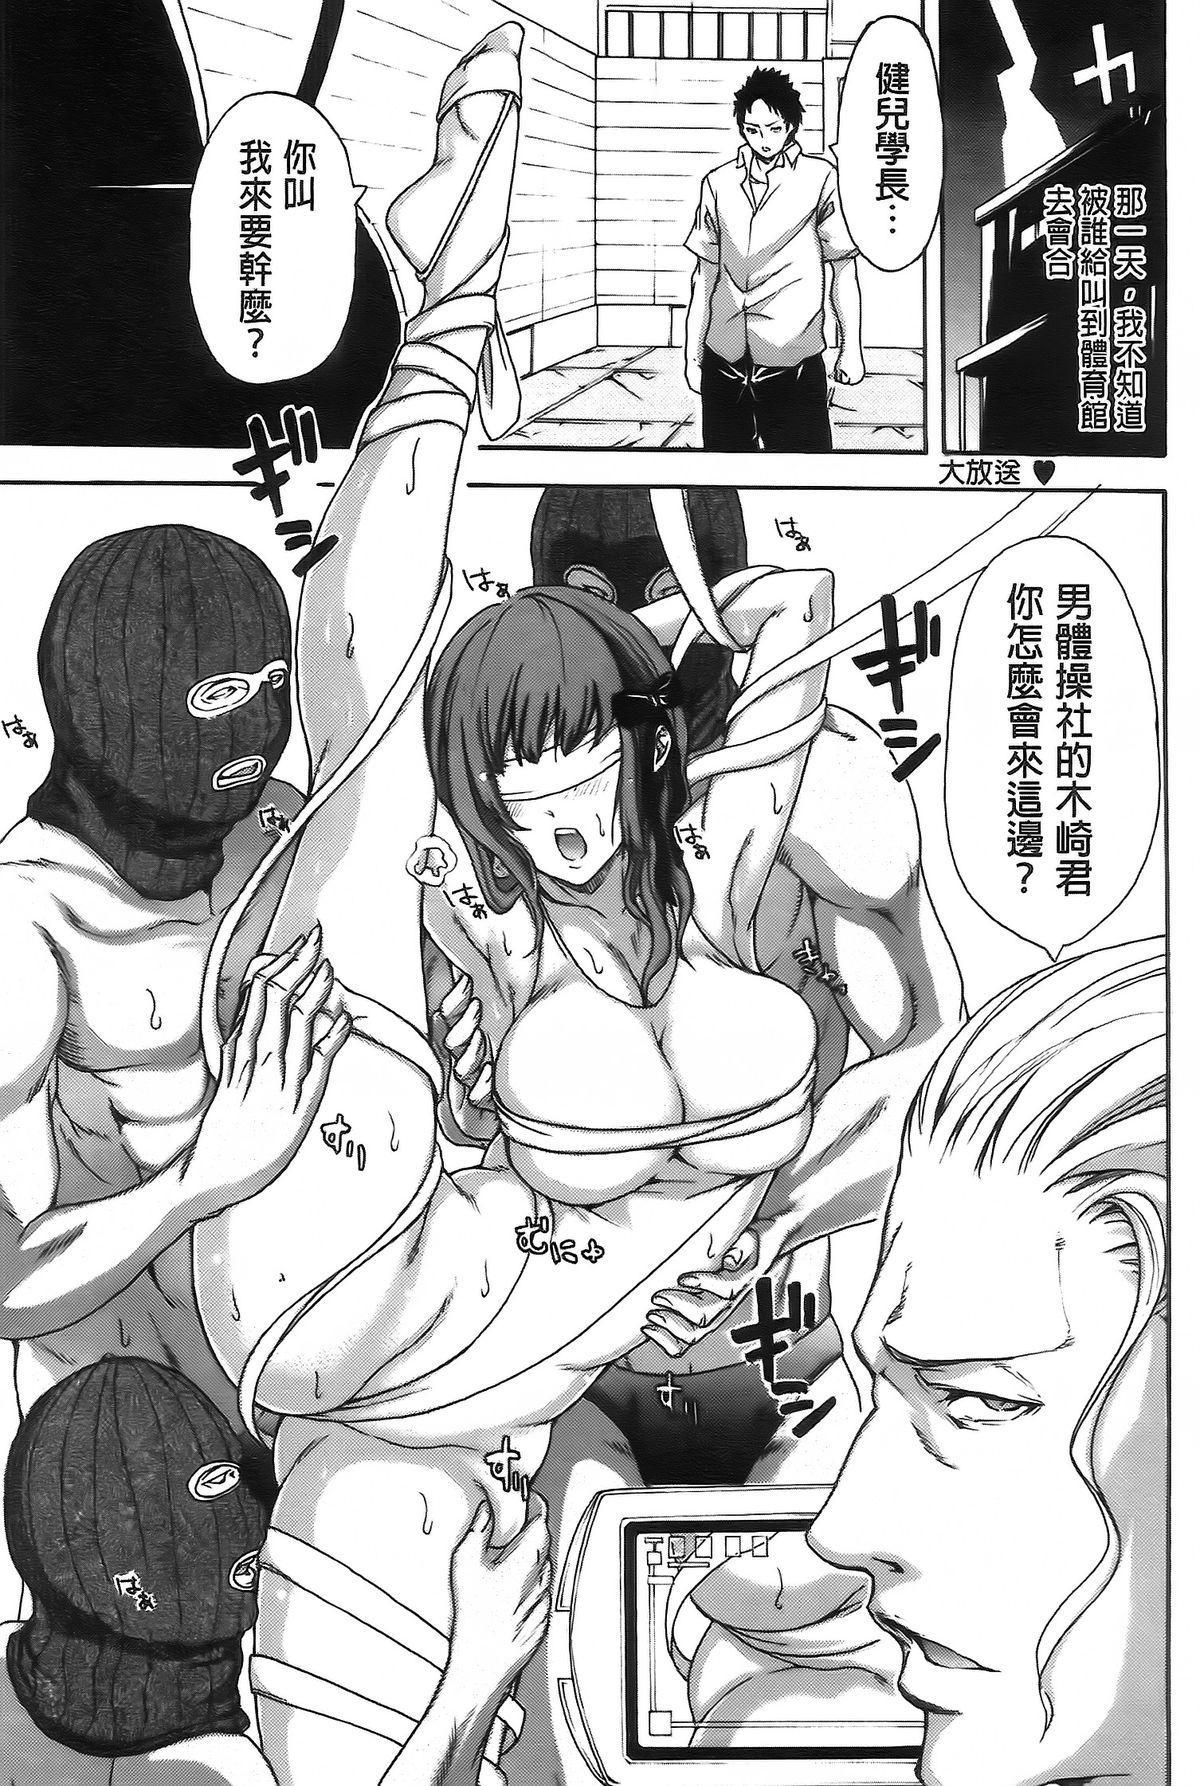 Bukatsu shoujo to amai ase 224